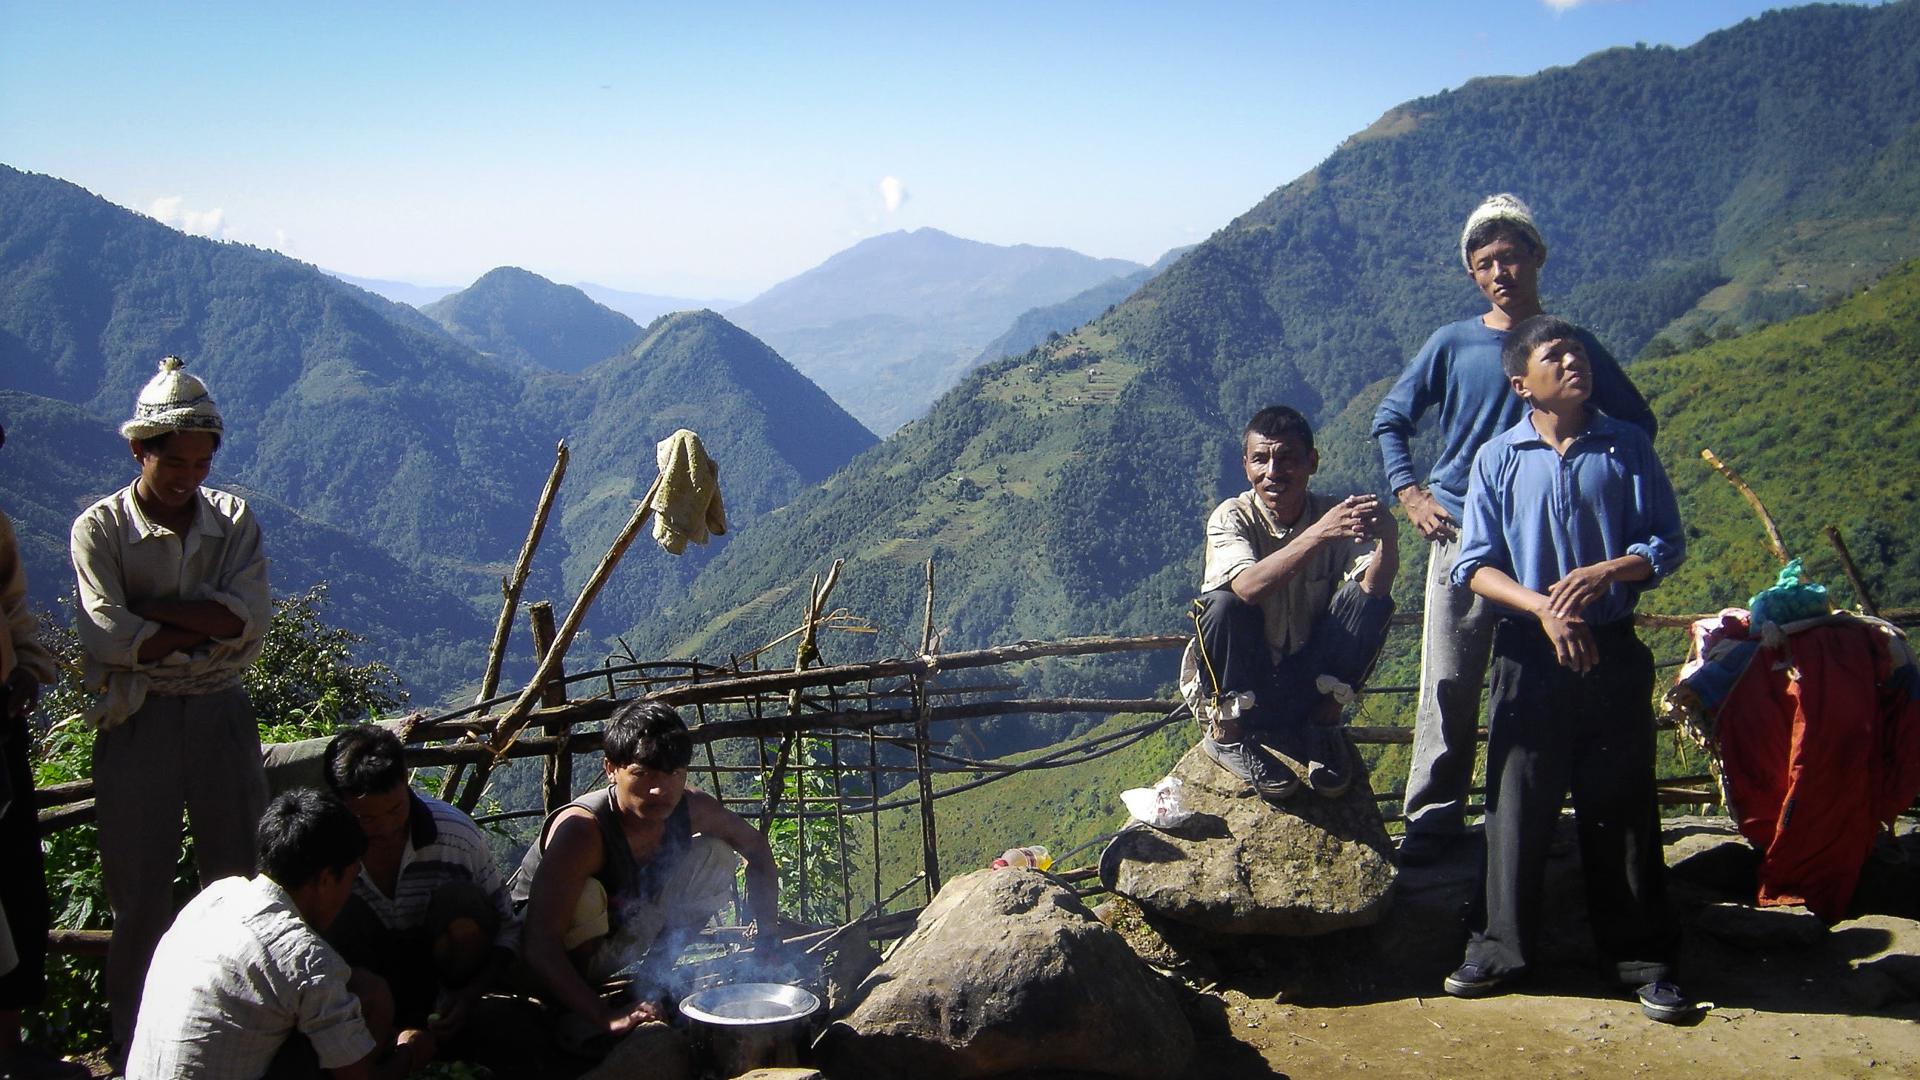 L'équipe des porteurs sur le trekking du Kanchenjunga